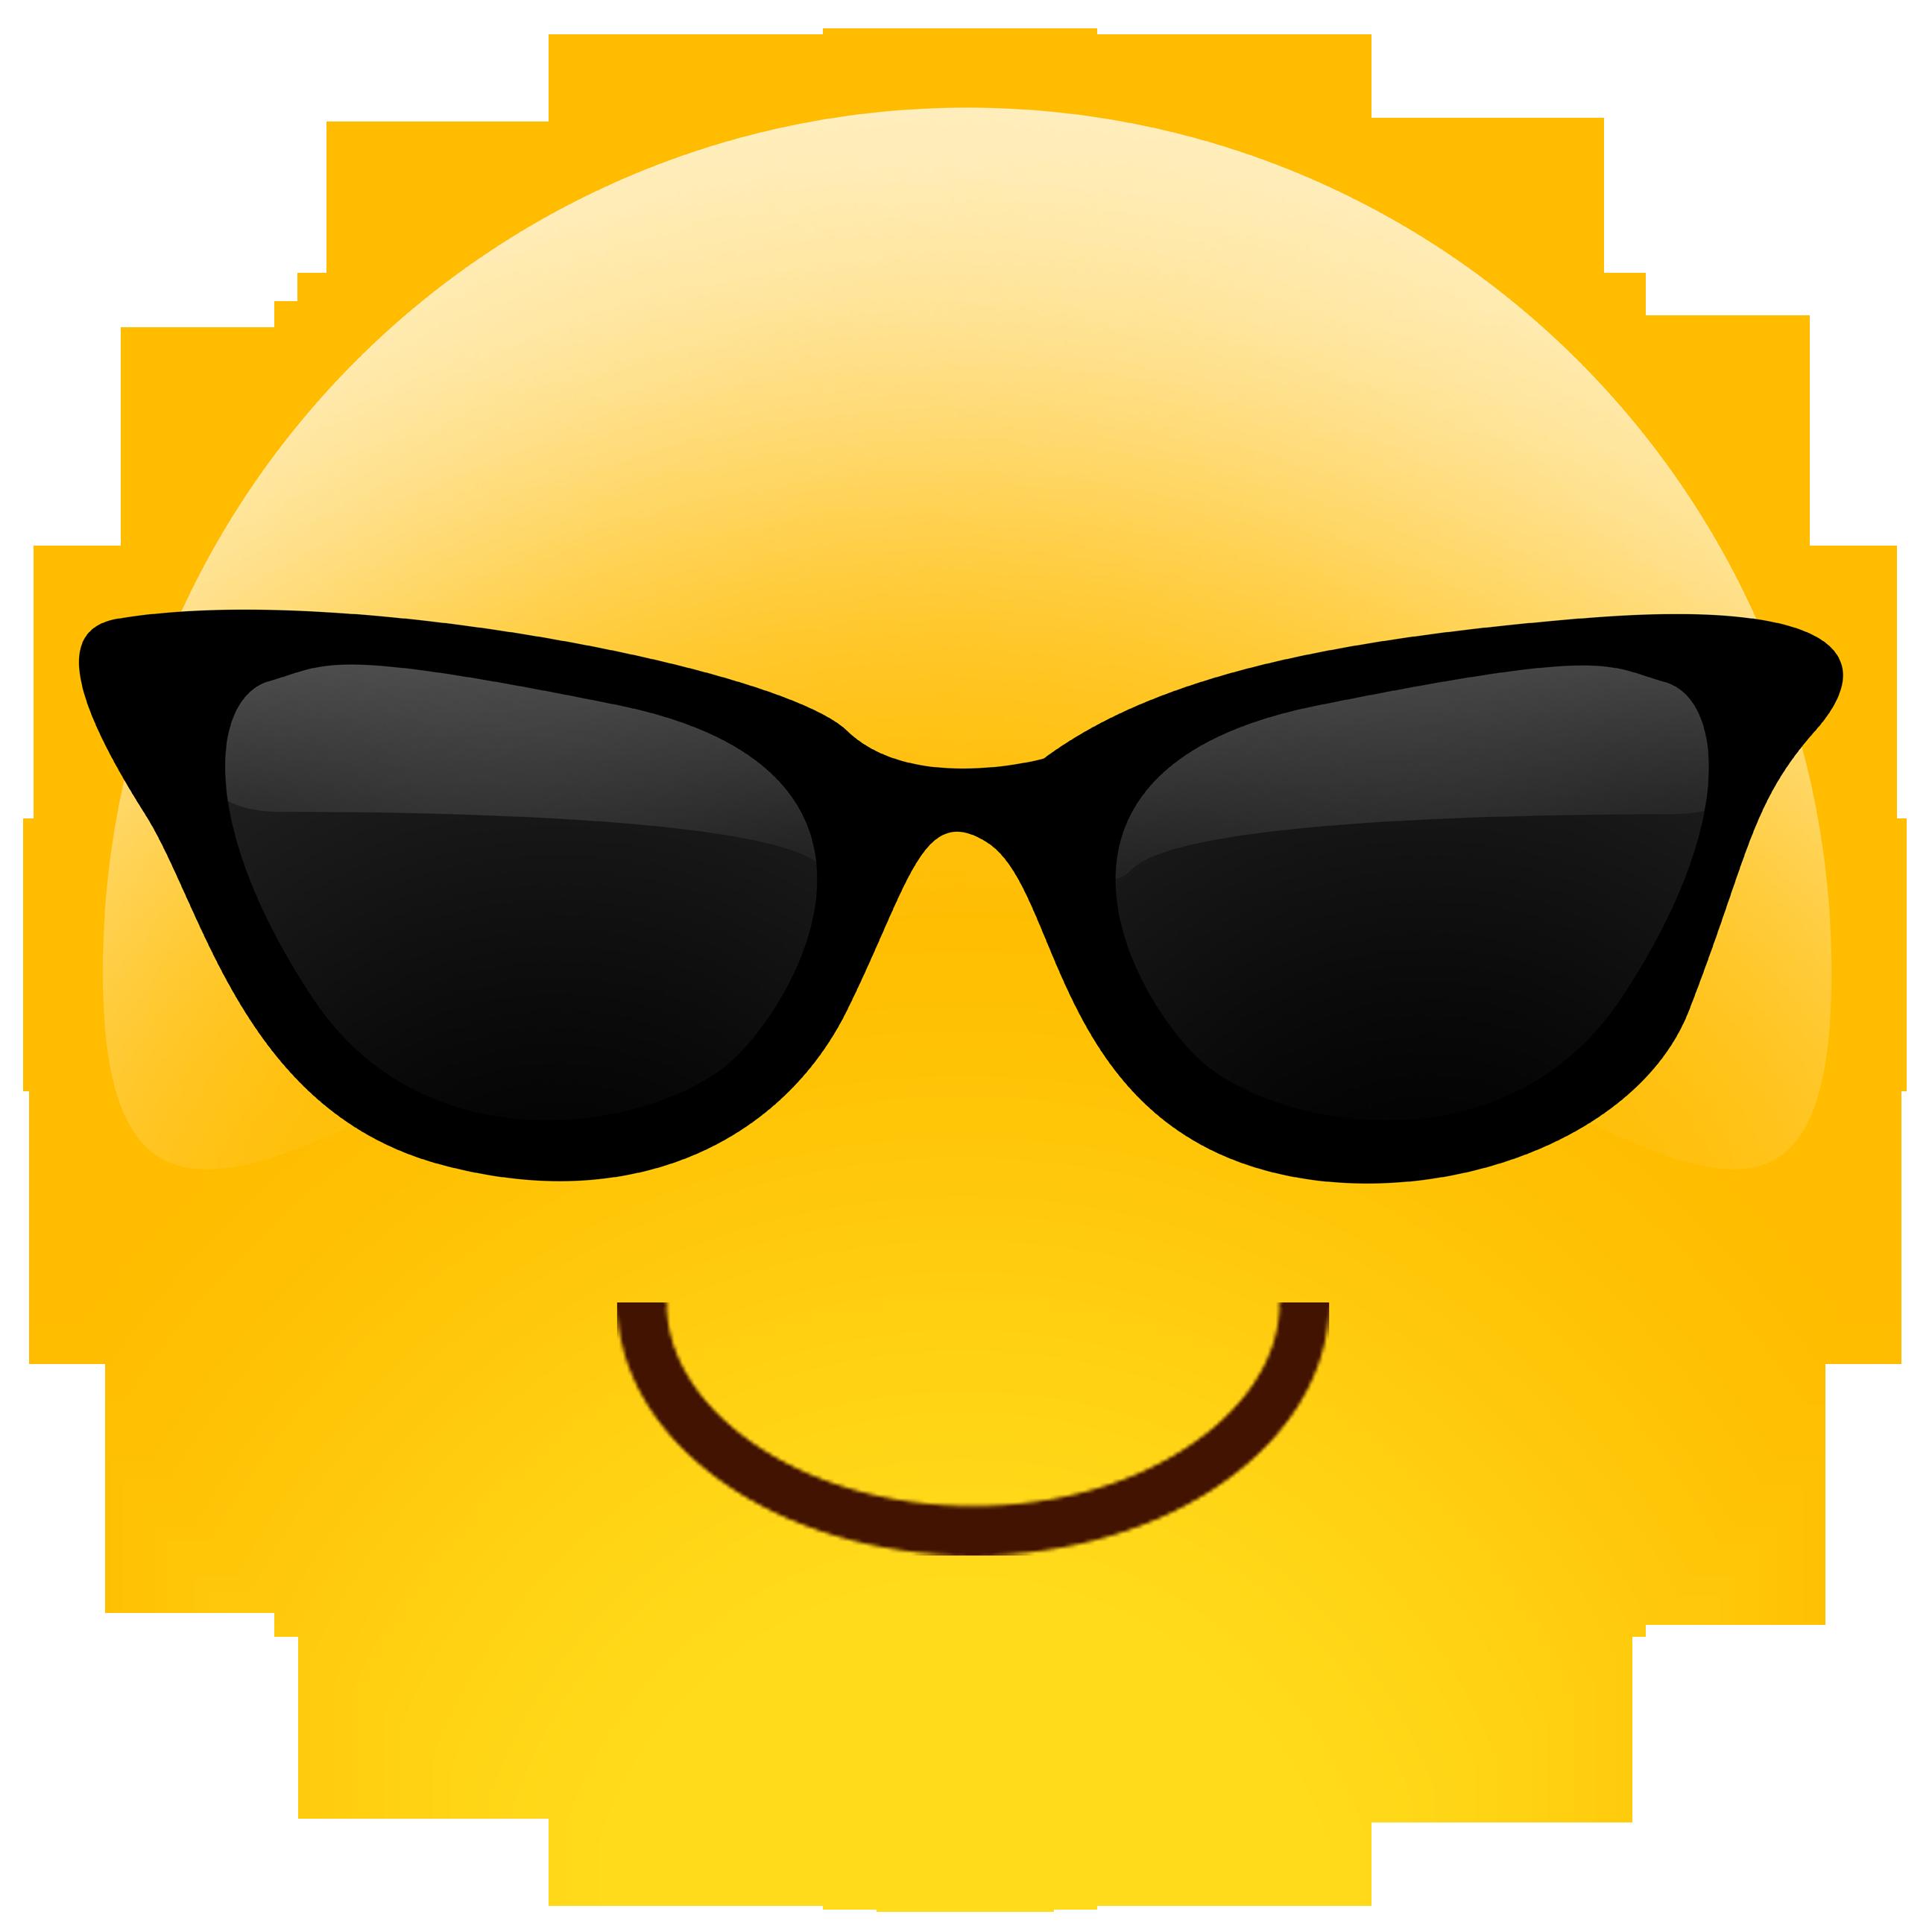 Phone emoji clipart clip Sunglasses Emoji Clipart & Look At Clip Art Images - ClipartLook clip